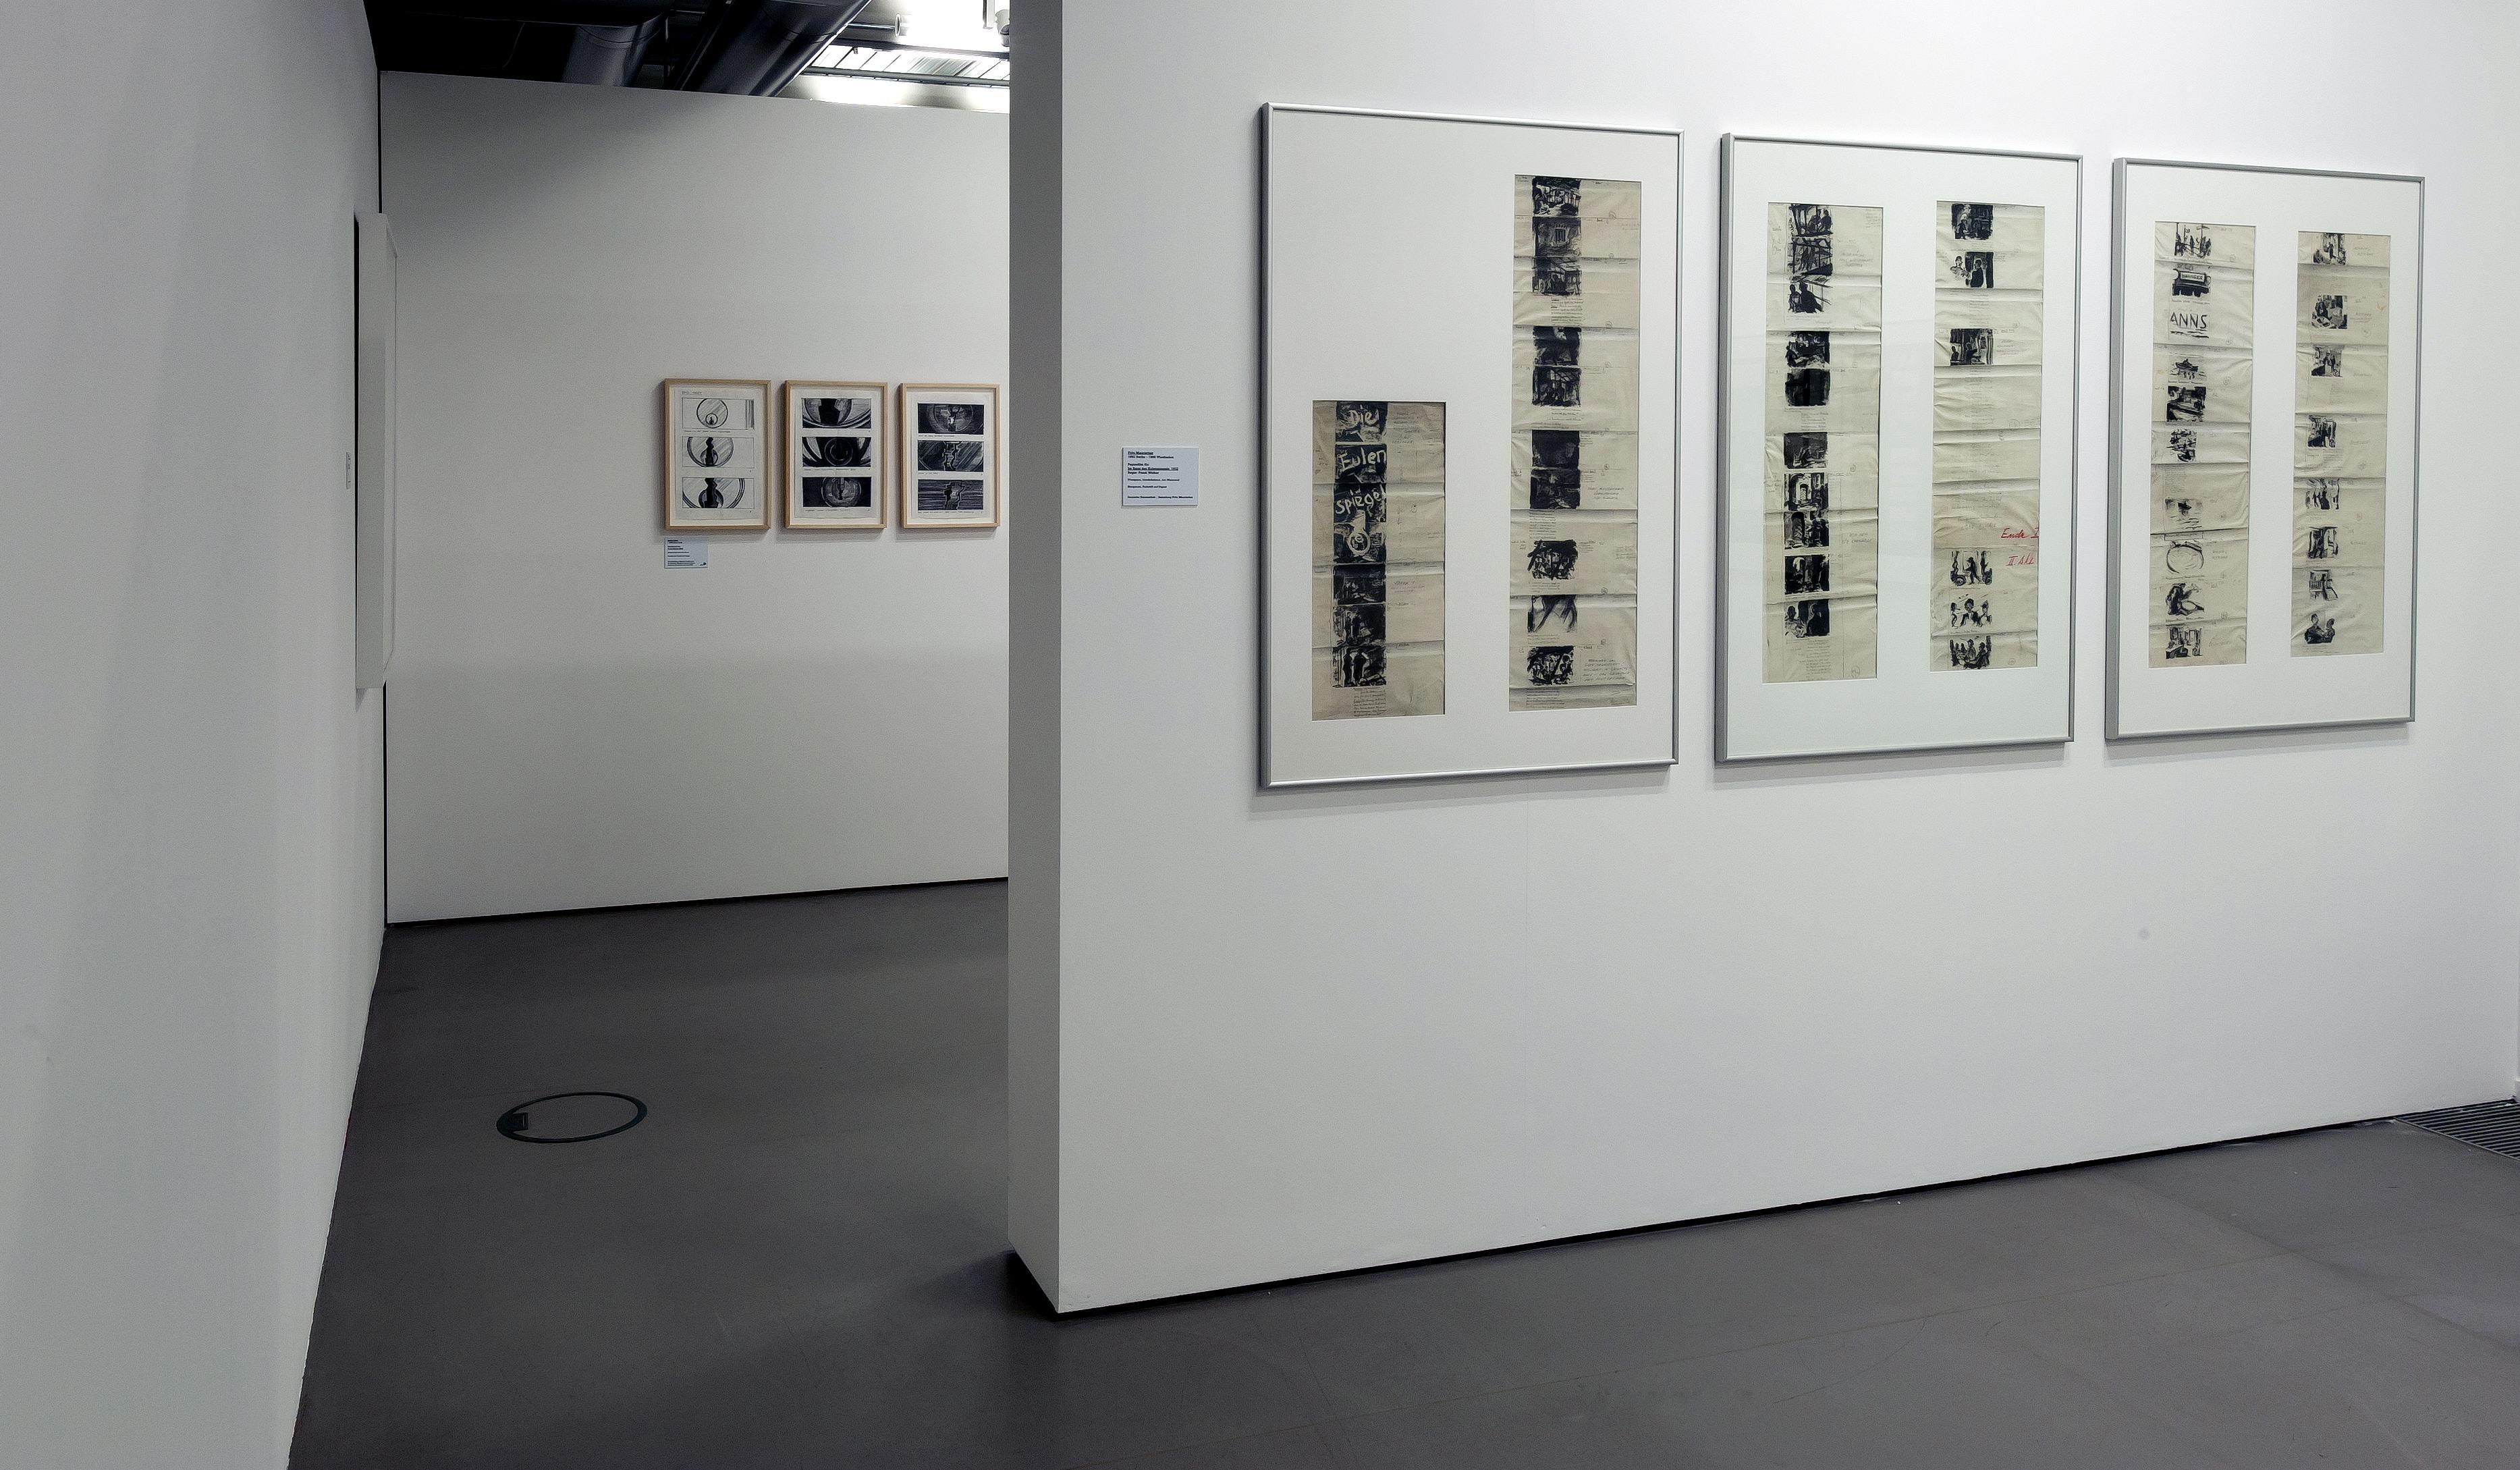 """Raumansicht der Ausstellung """"Zwischen Film und Kunst — Storyboards von Hitchcock bis Spielberg"""", Deutsche Kinemathek, Berlin"""